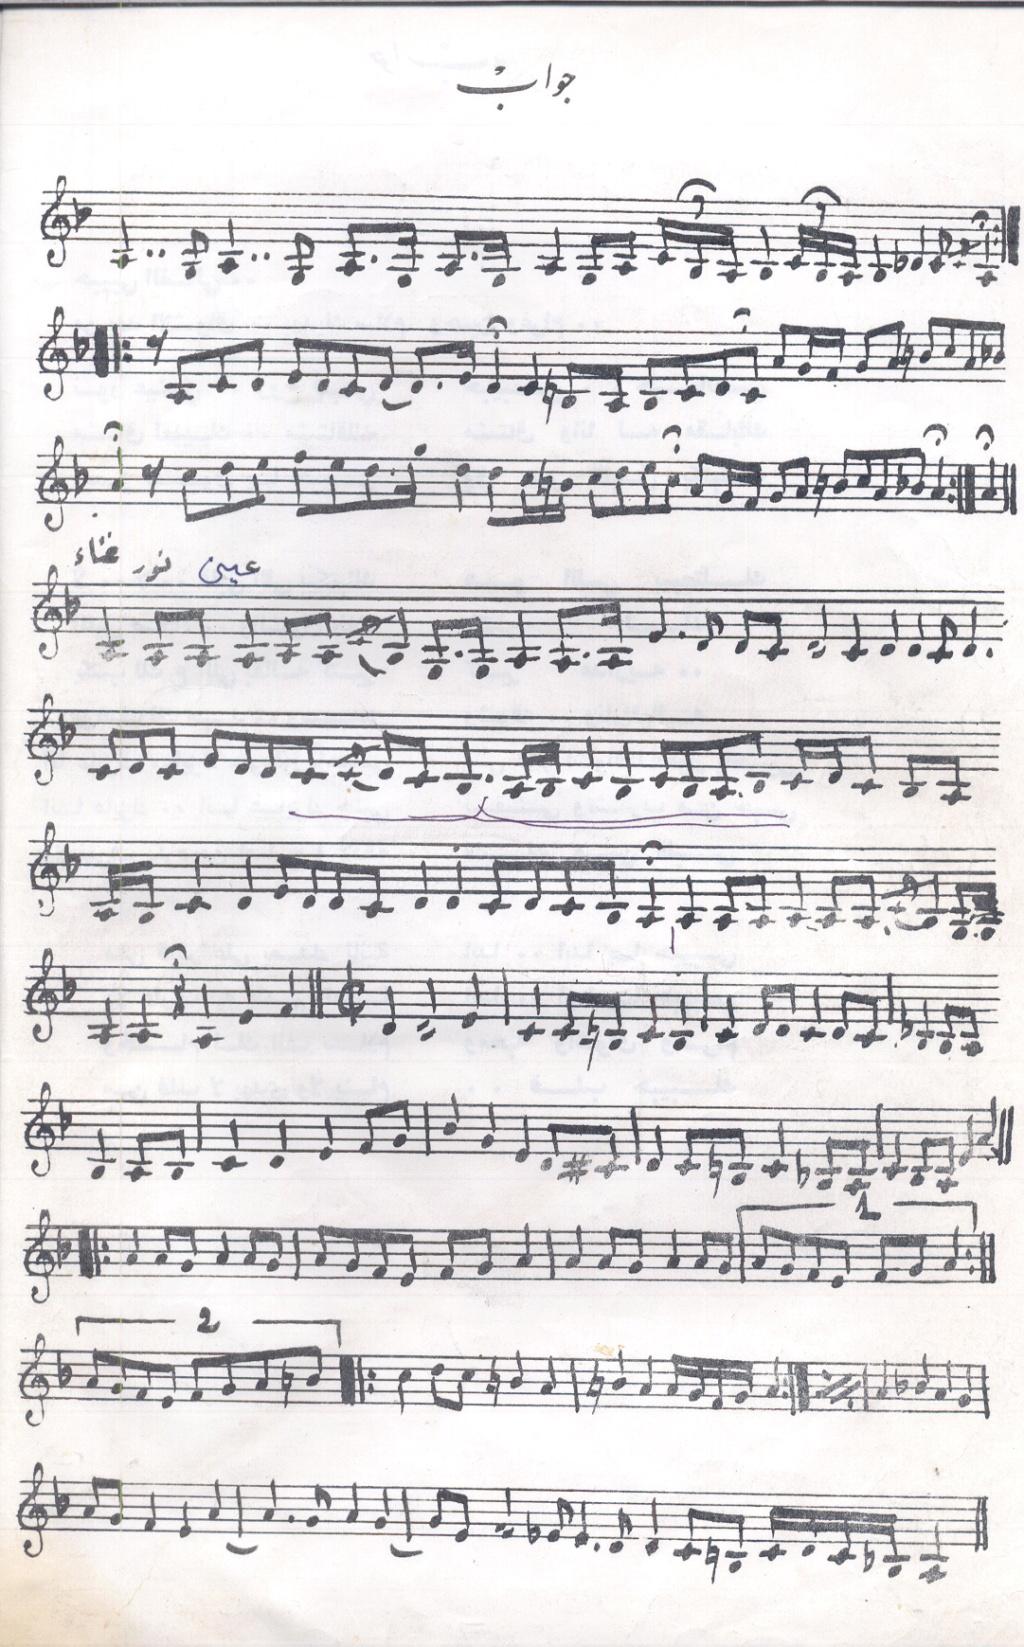 نوتة - اغنية جواب Yio1_b10